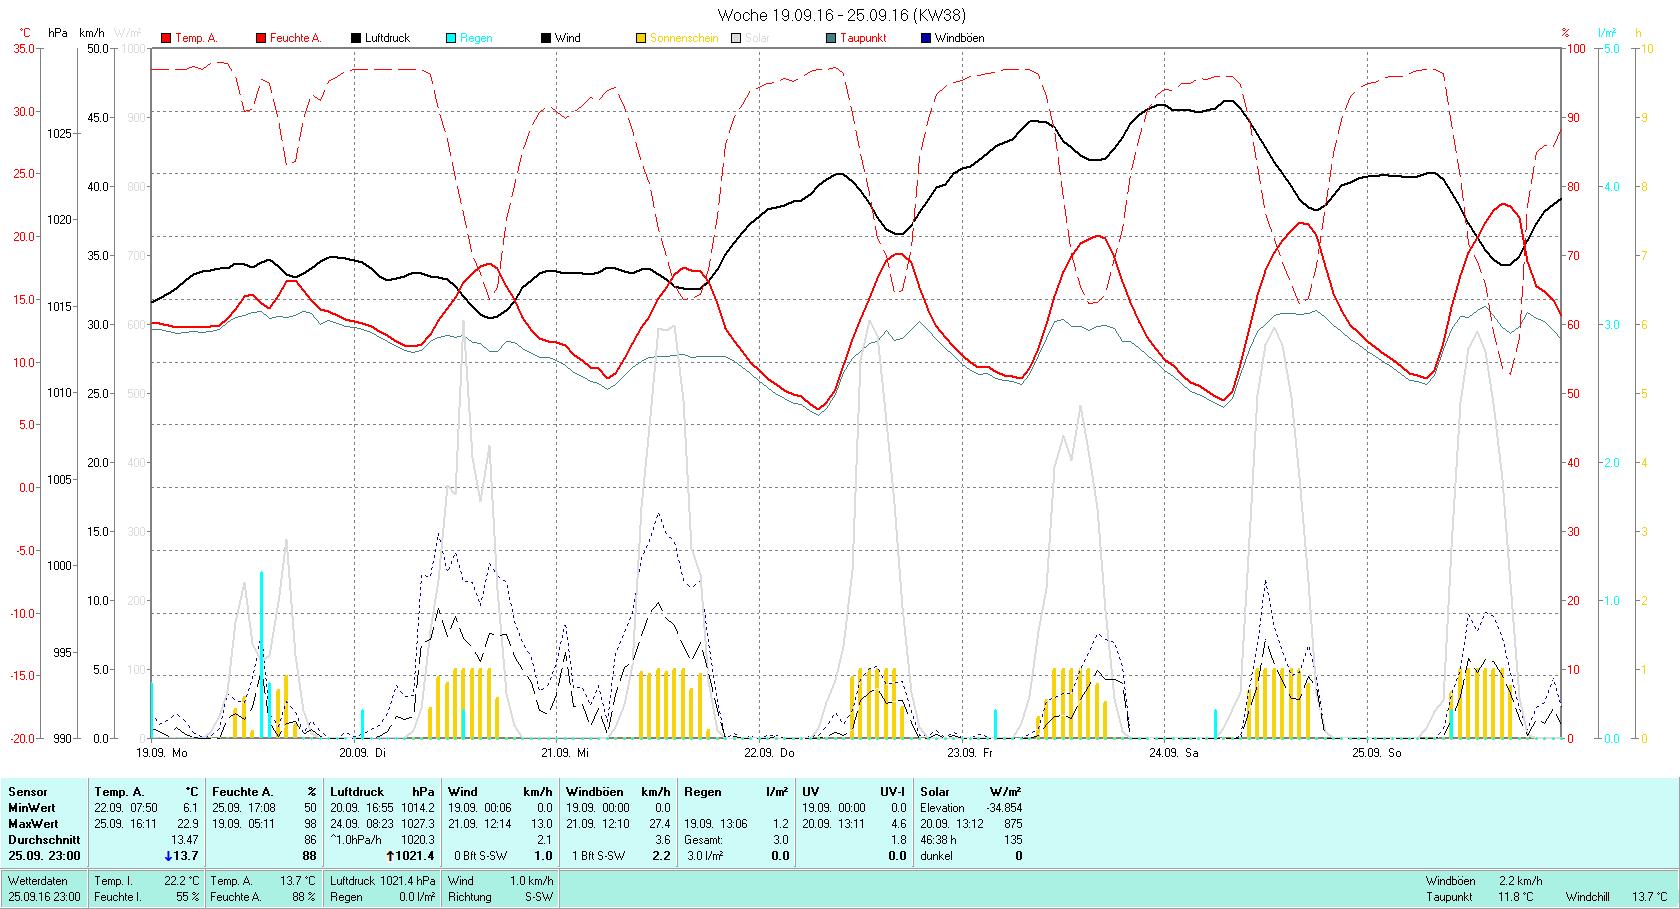 KW 38 Tmin 6.1°C, Tmax 22.9°C, Sonne 46:38h, Niederschlag 3.0mm/2